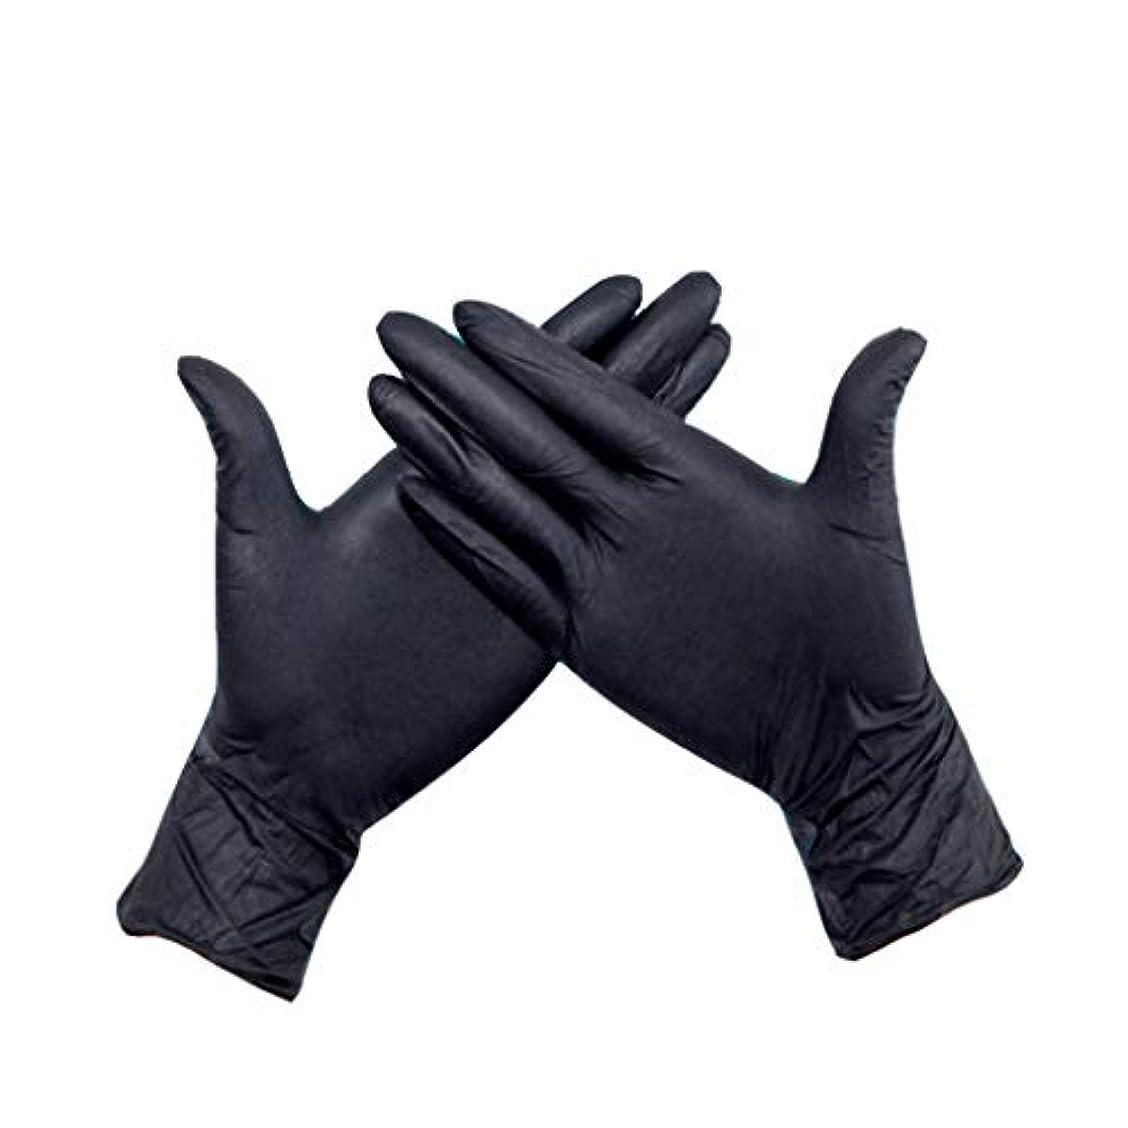 予測カトリック教徒宣言する手袋黒丁qing使い捨て手袋耐摩耗性耐酸アルカリ美しさとヘアケア手袋の厚い丁ding清グローブ200 (UnitCount : 300 only)